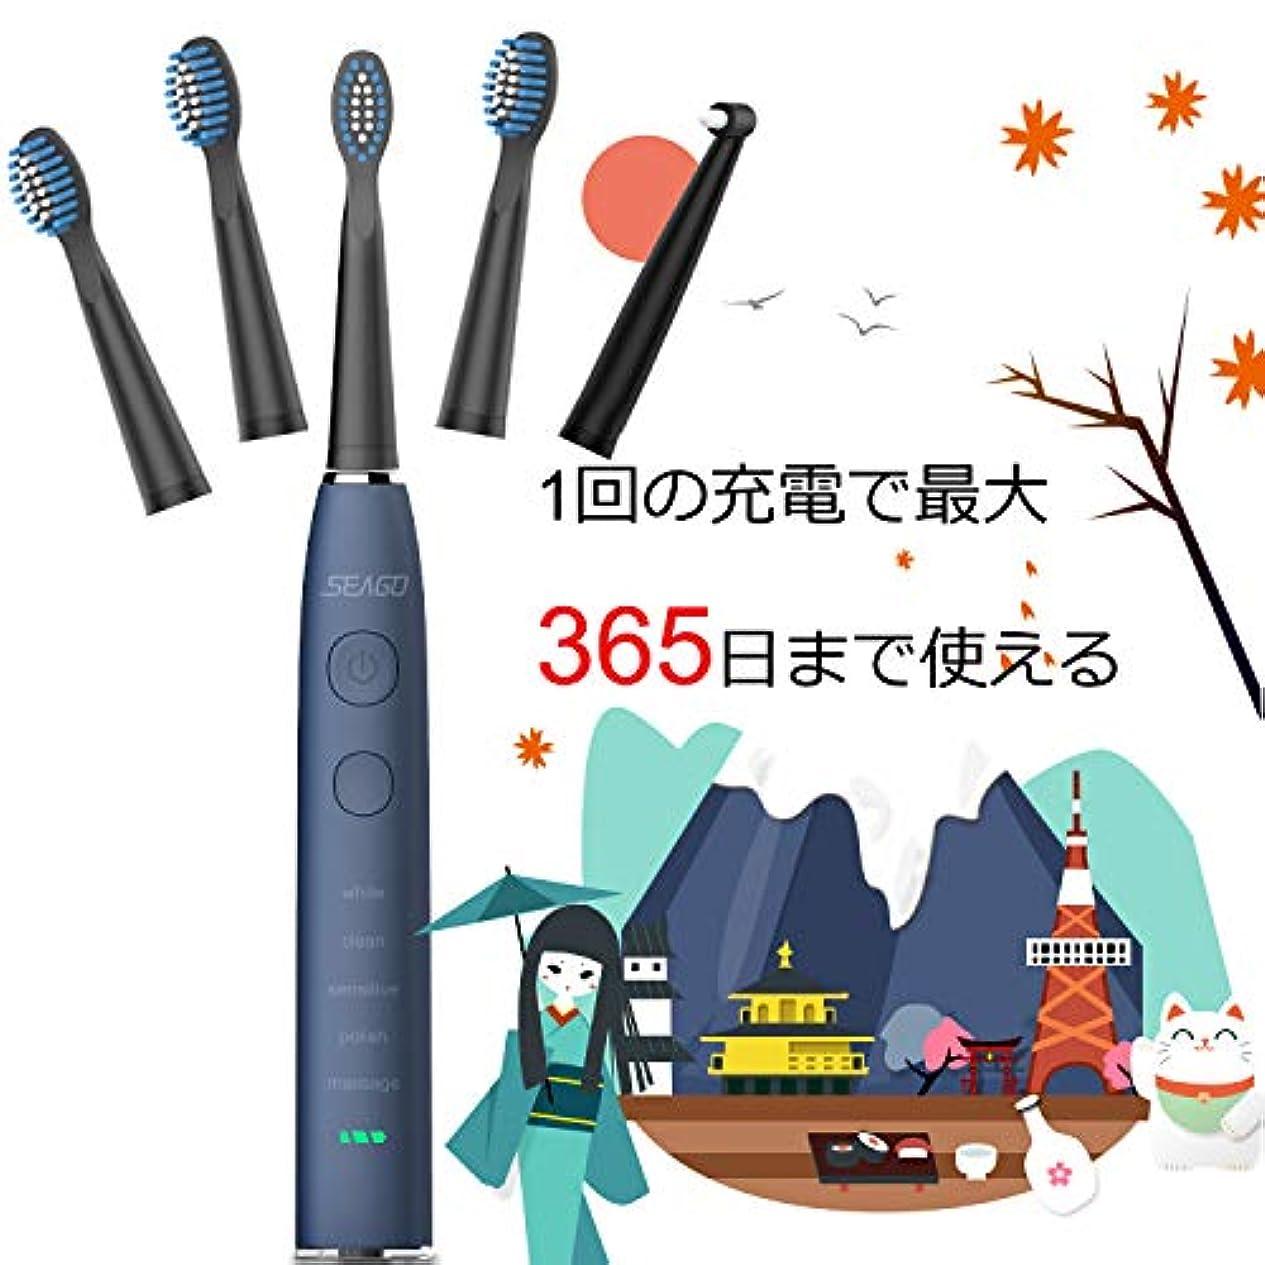 植生カンガルー分散電動歯ブラシ 歯ブラシ seago 音波歯ブラシ USB充電式8時間 365日に使用 IPX7防水 五つモードと2分オートタイマー機能搭載 替えブラシ5本 12ヶ月メーカー保証 SG-575(ブルー)